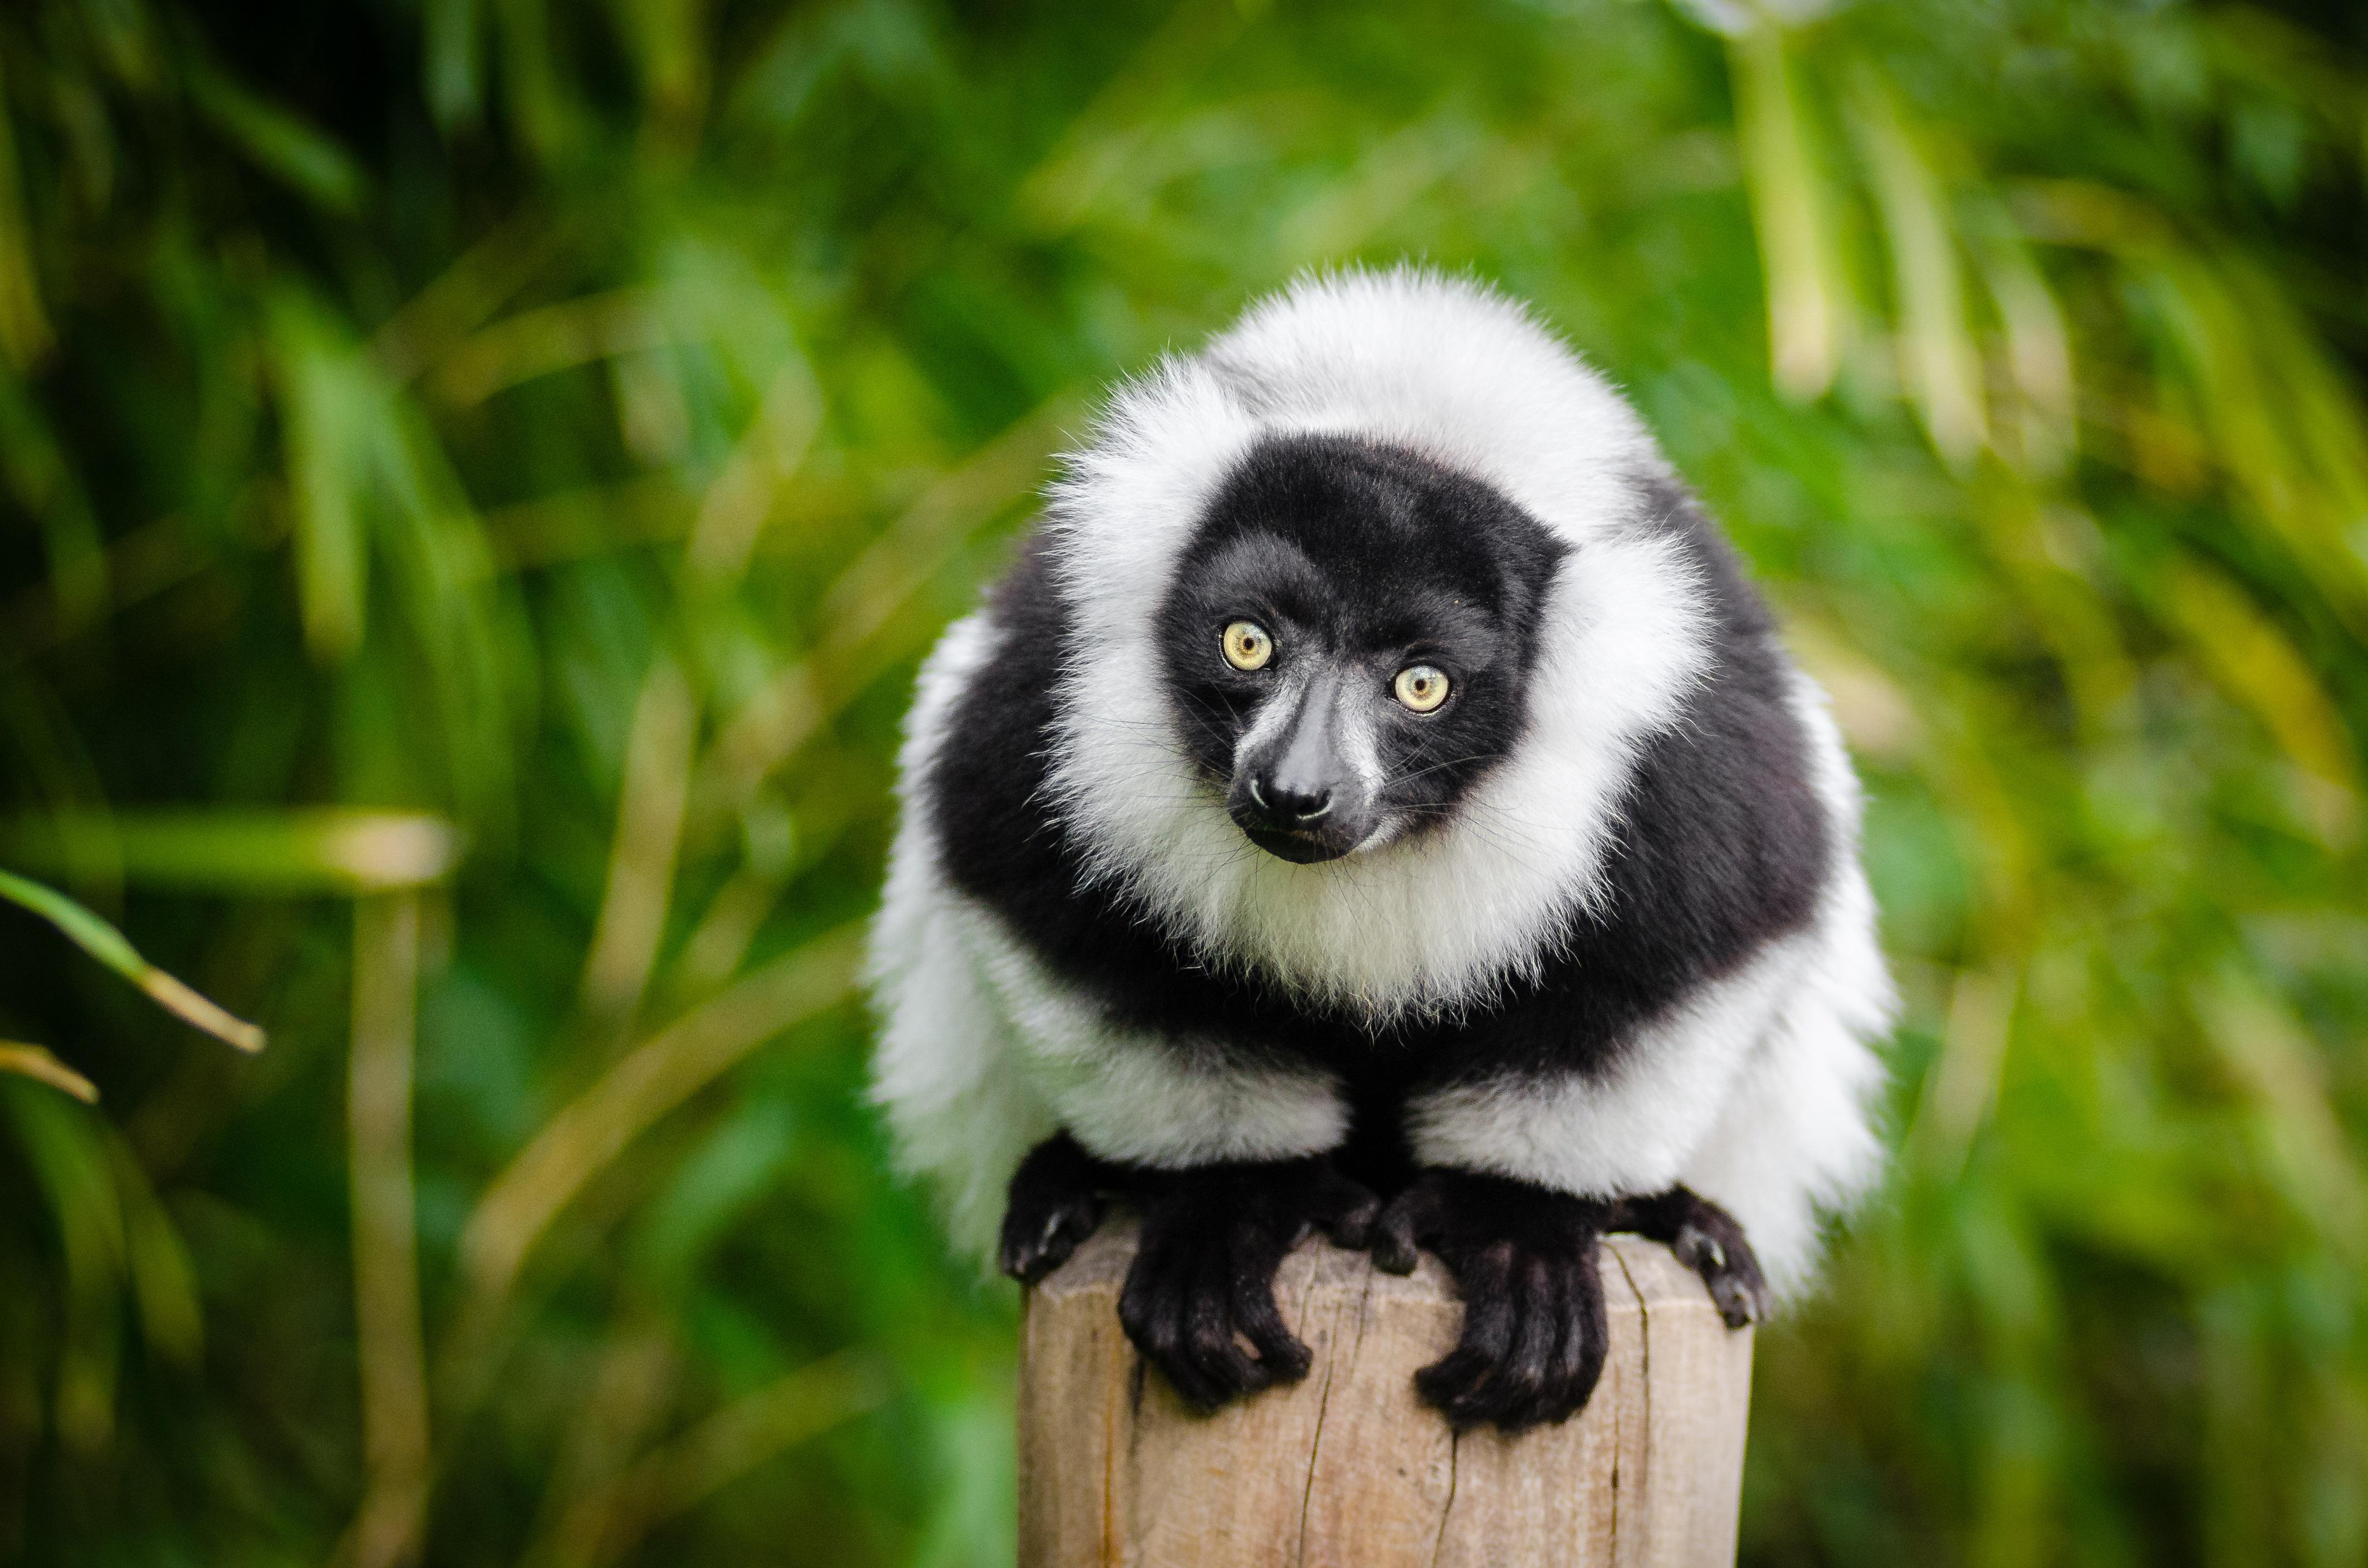 Bien-aimé Images Gratuites : la nature, animal, mignonne, faune, portrait  RK44